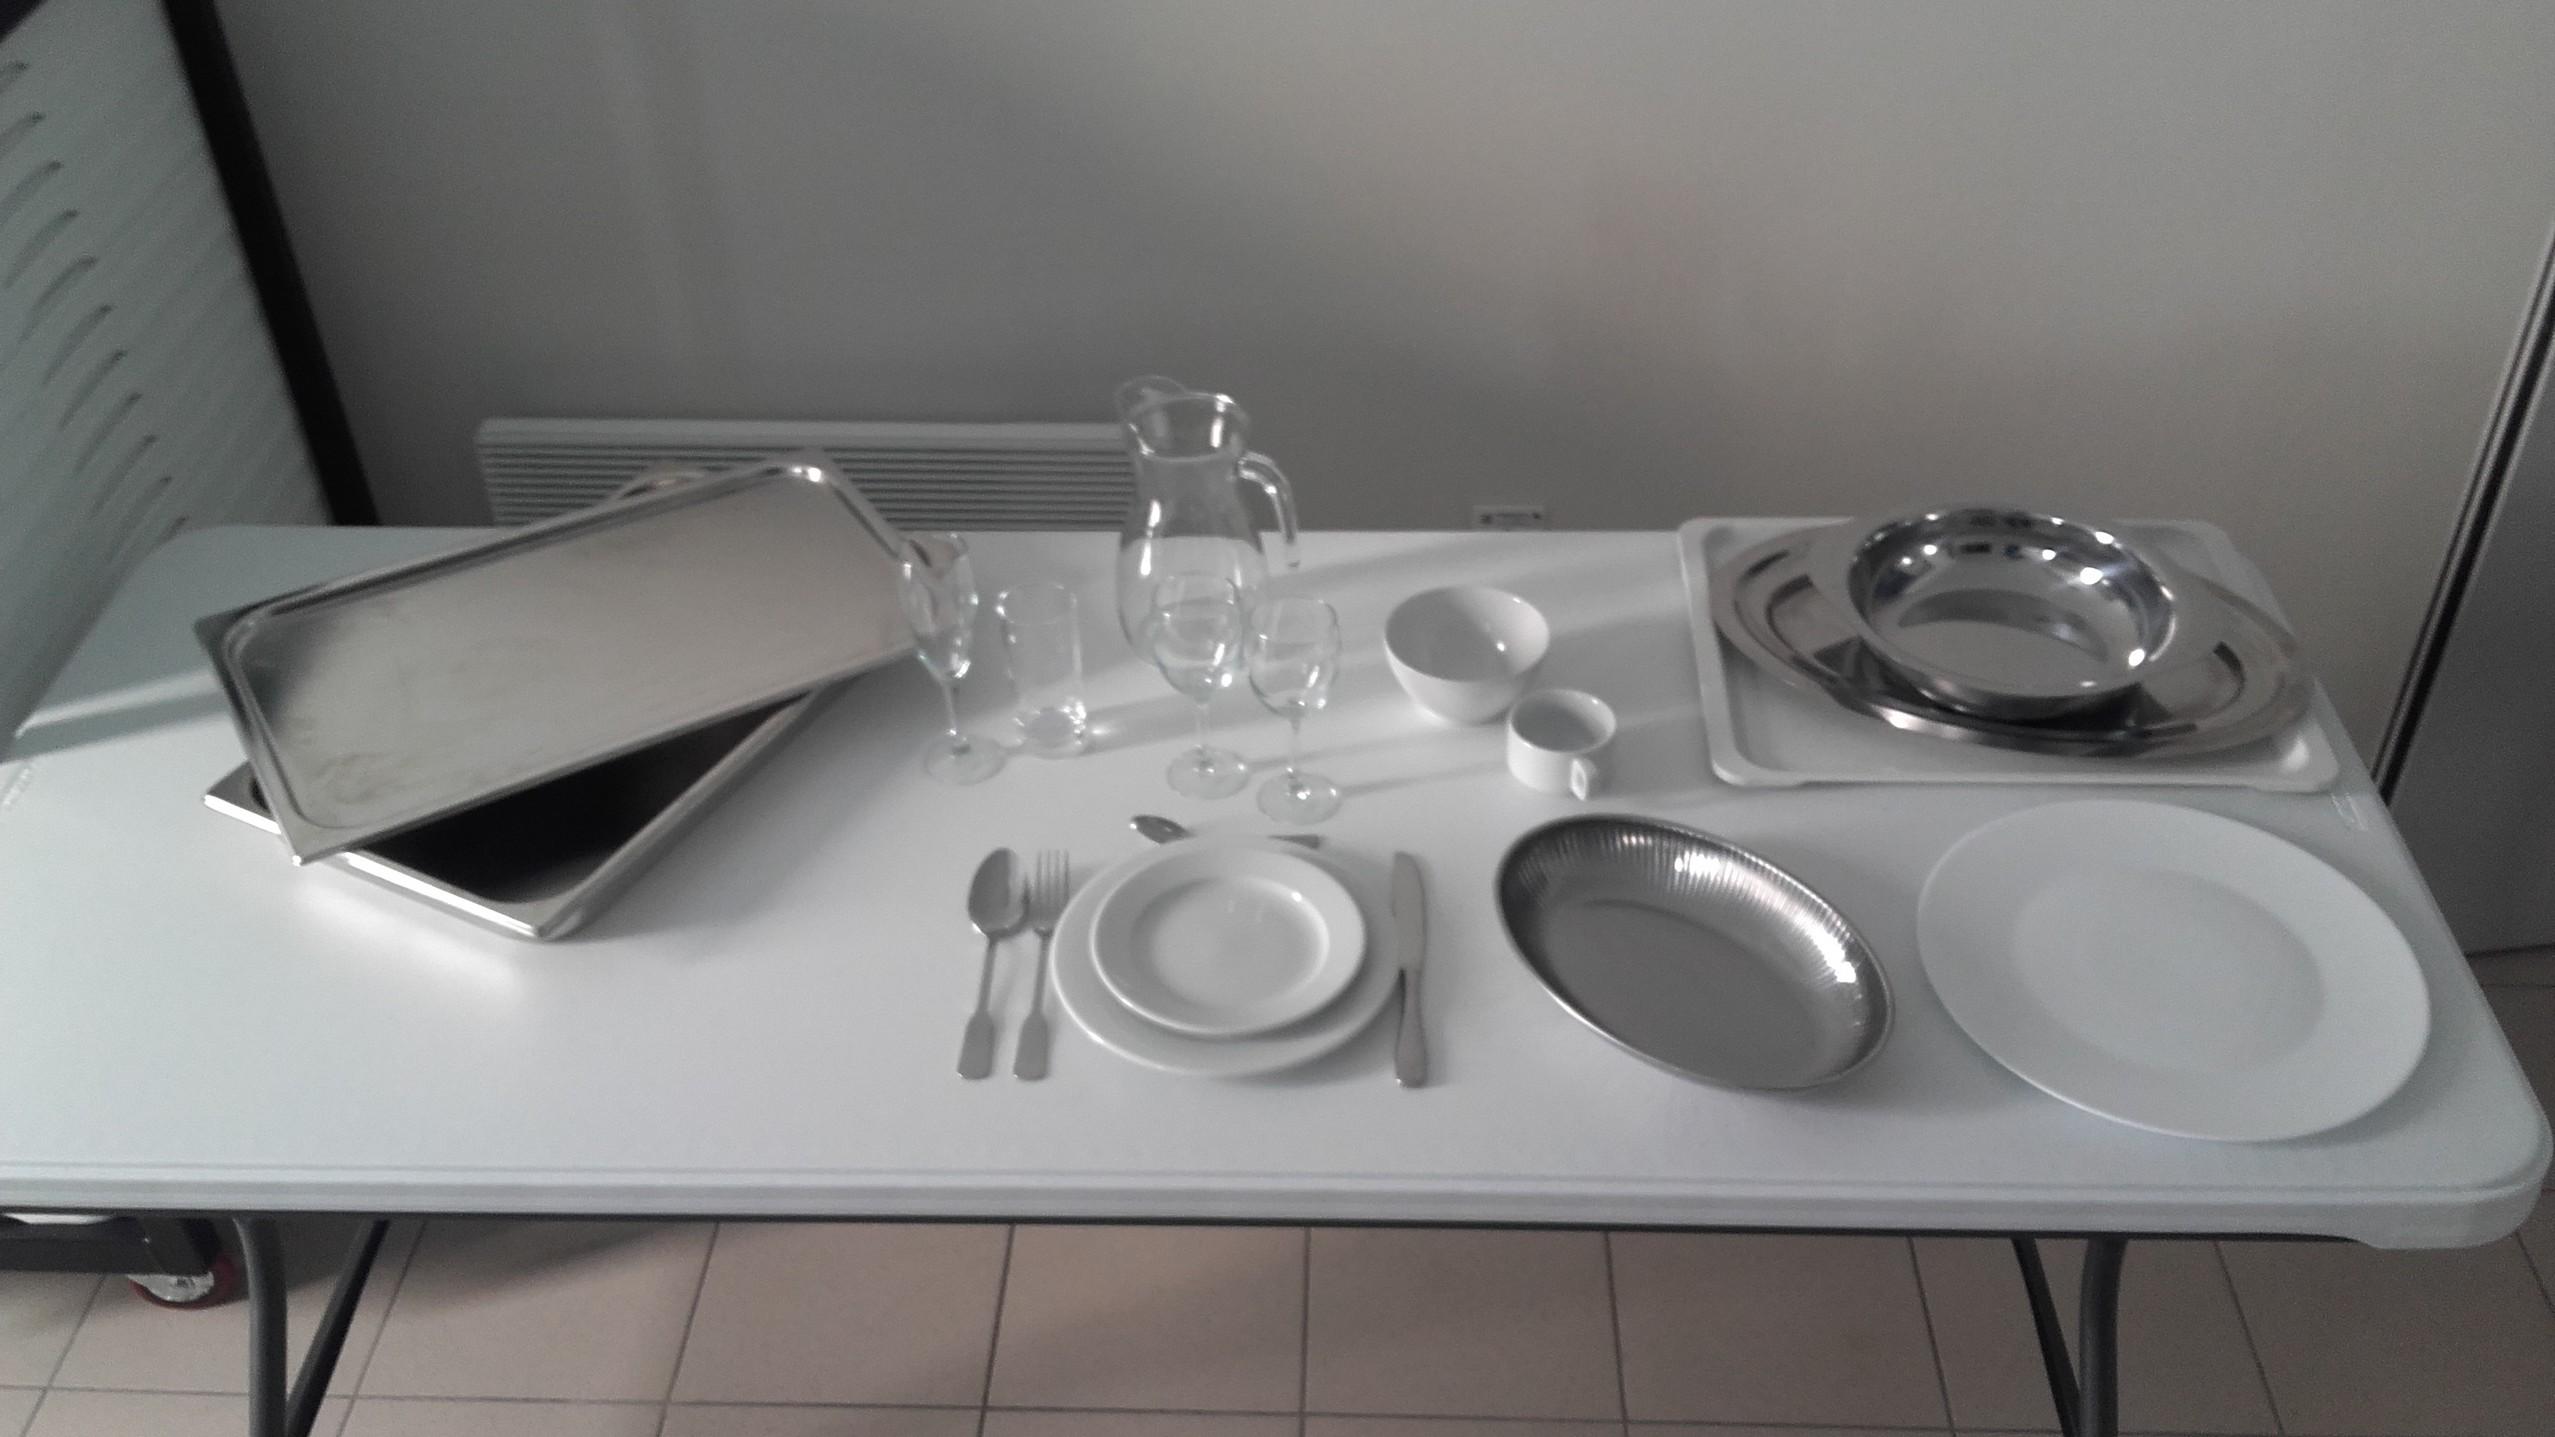 exemple-de-la-vaisselle-mise-a-disposition